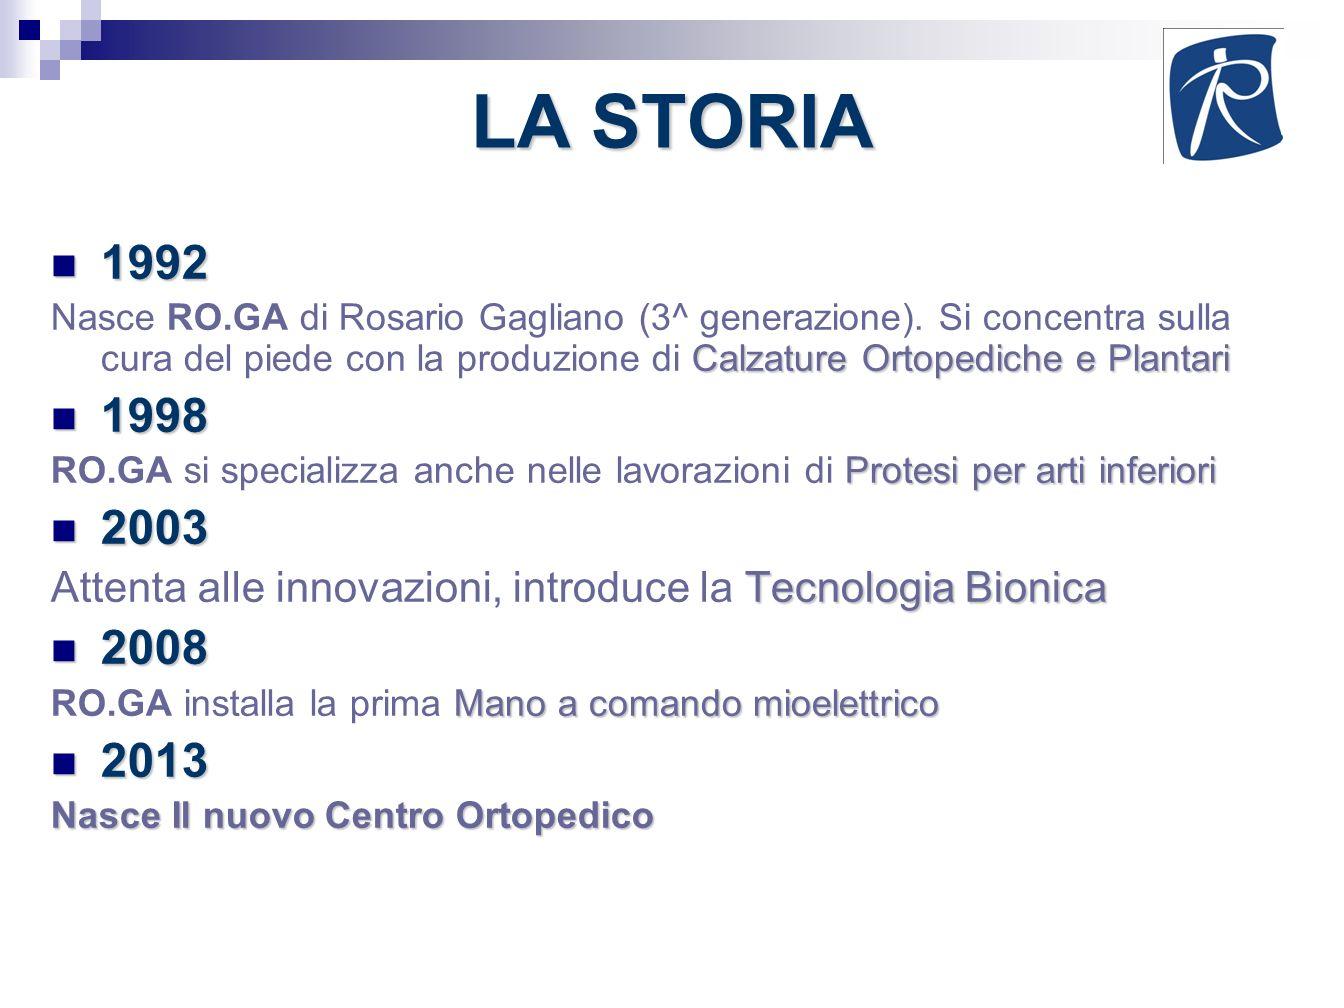 LA STORIA 1992 1992 Calzature Ortopediche e Plantari Nasce RO.GA di Rosario Gagliano (3^ generazione). Si concentra sulla cura del piede con la produz